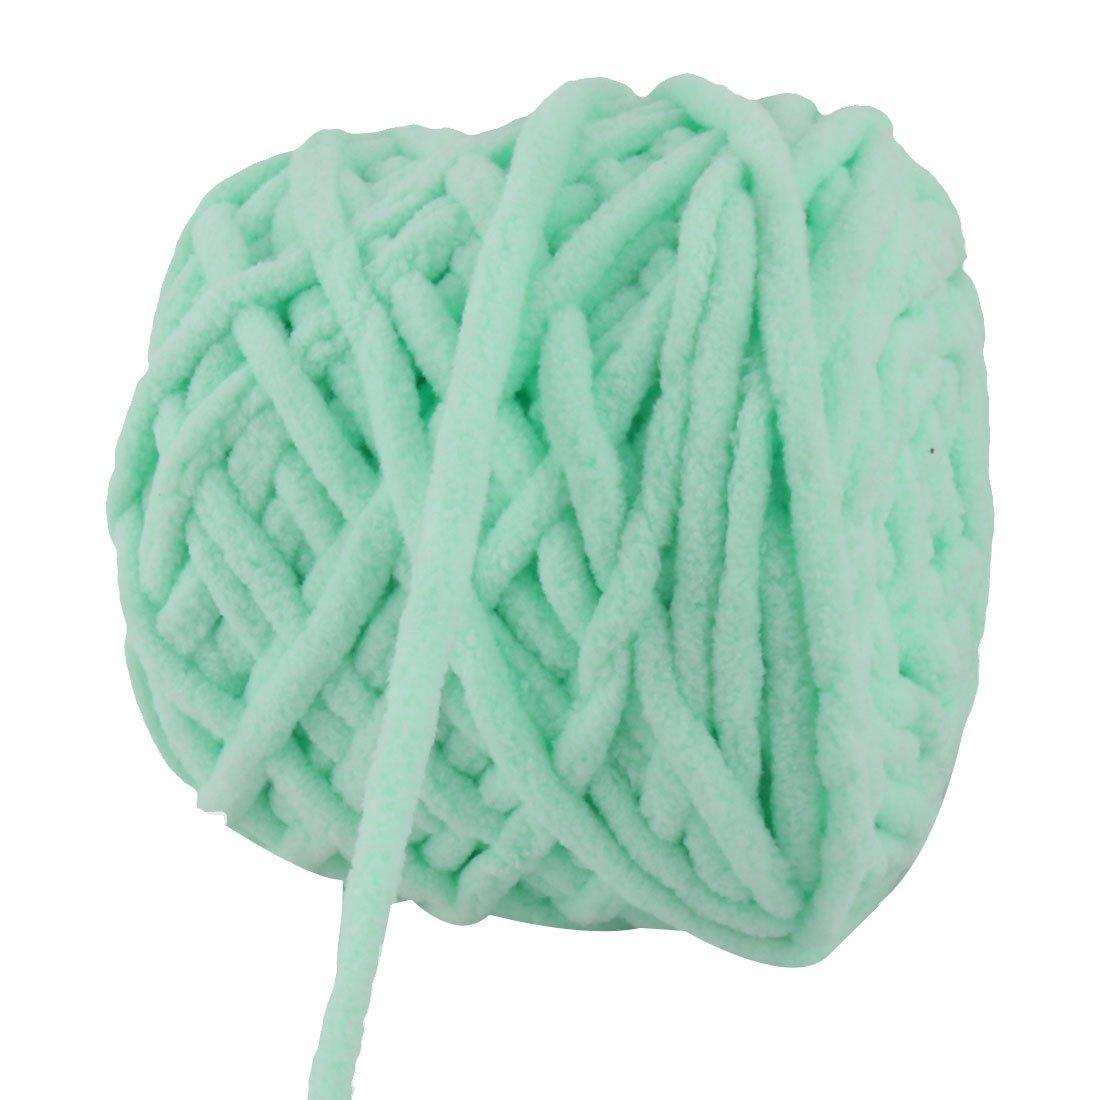 Amazon.com: eDealMax Festival de poliéster del Regalo DIY de la bufanda del suéter el hilado del cordón de cuerda cuerda 100g Verde claro